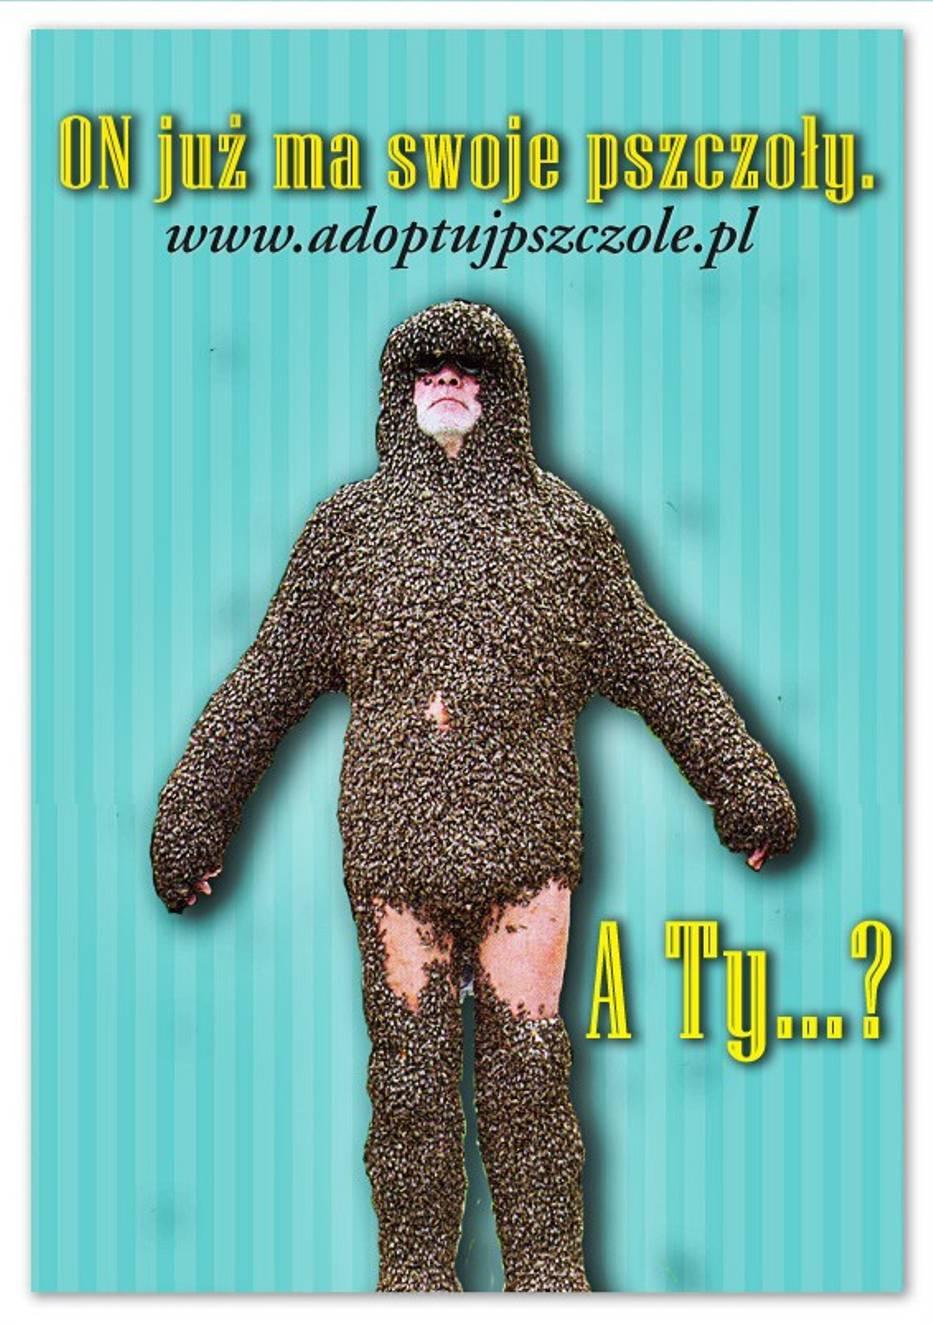 Adoptuj Pszczołę za 2 zł - crowdfunding Greenpeace